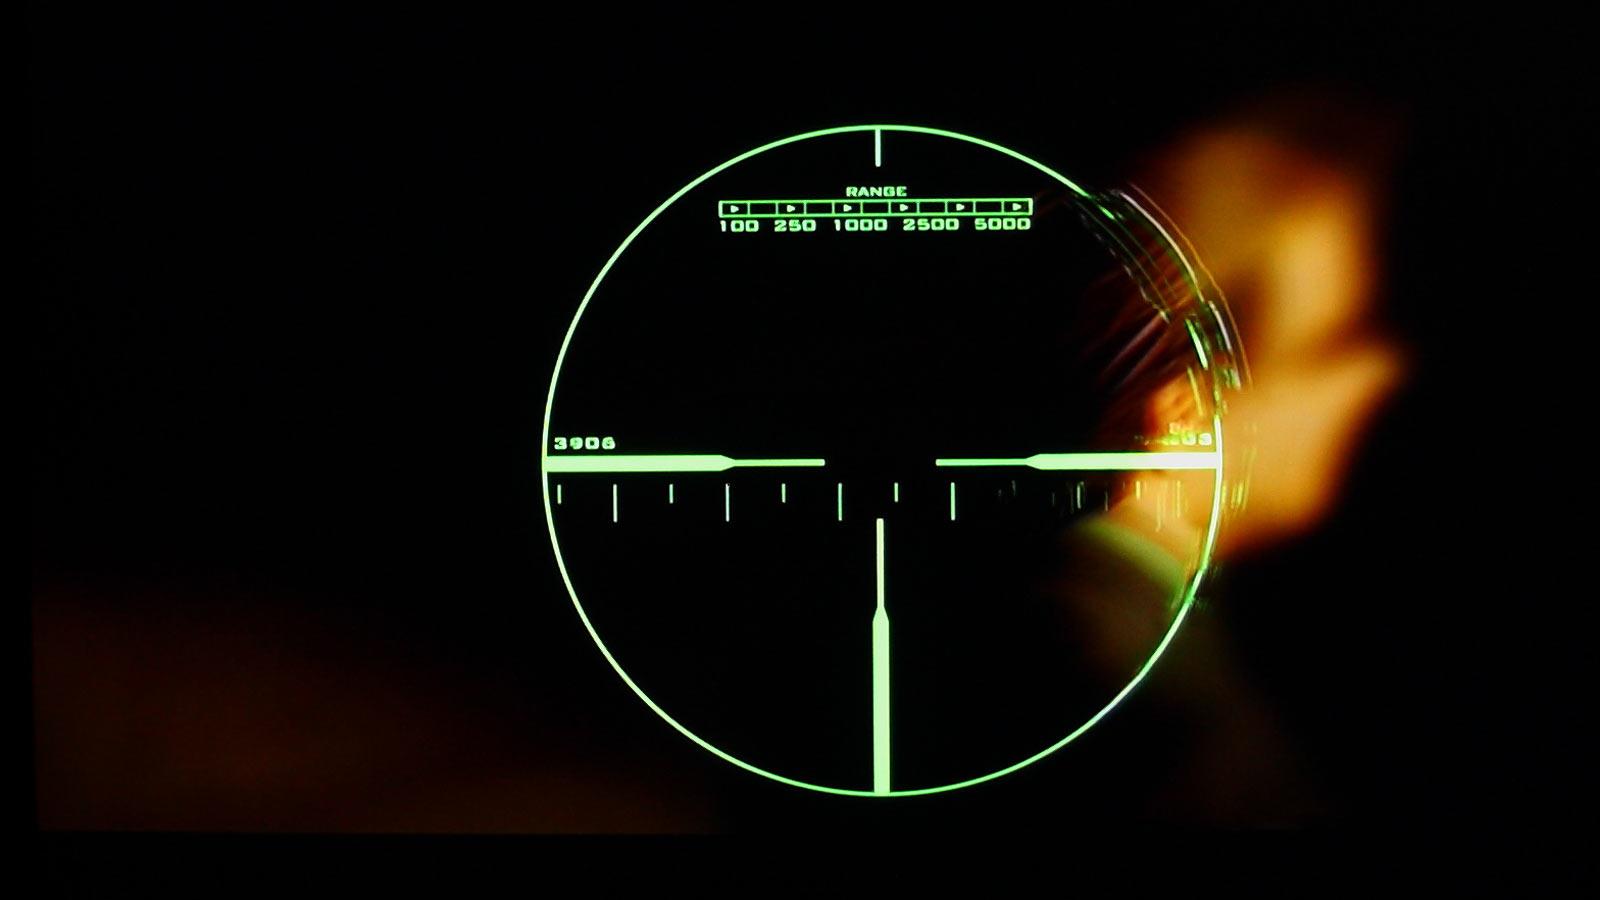 万元55吋液晶电视 康佳lc55ft68ac评测